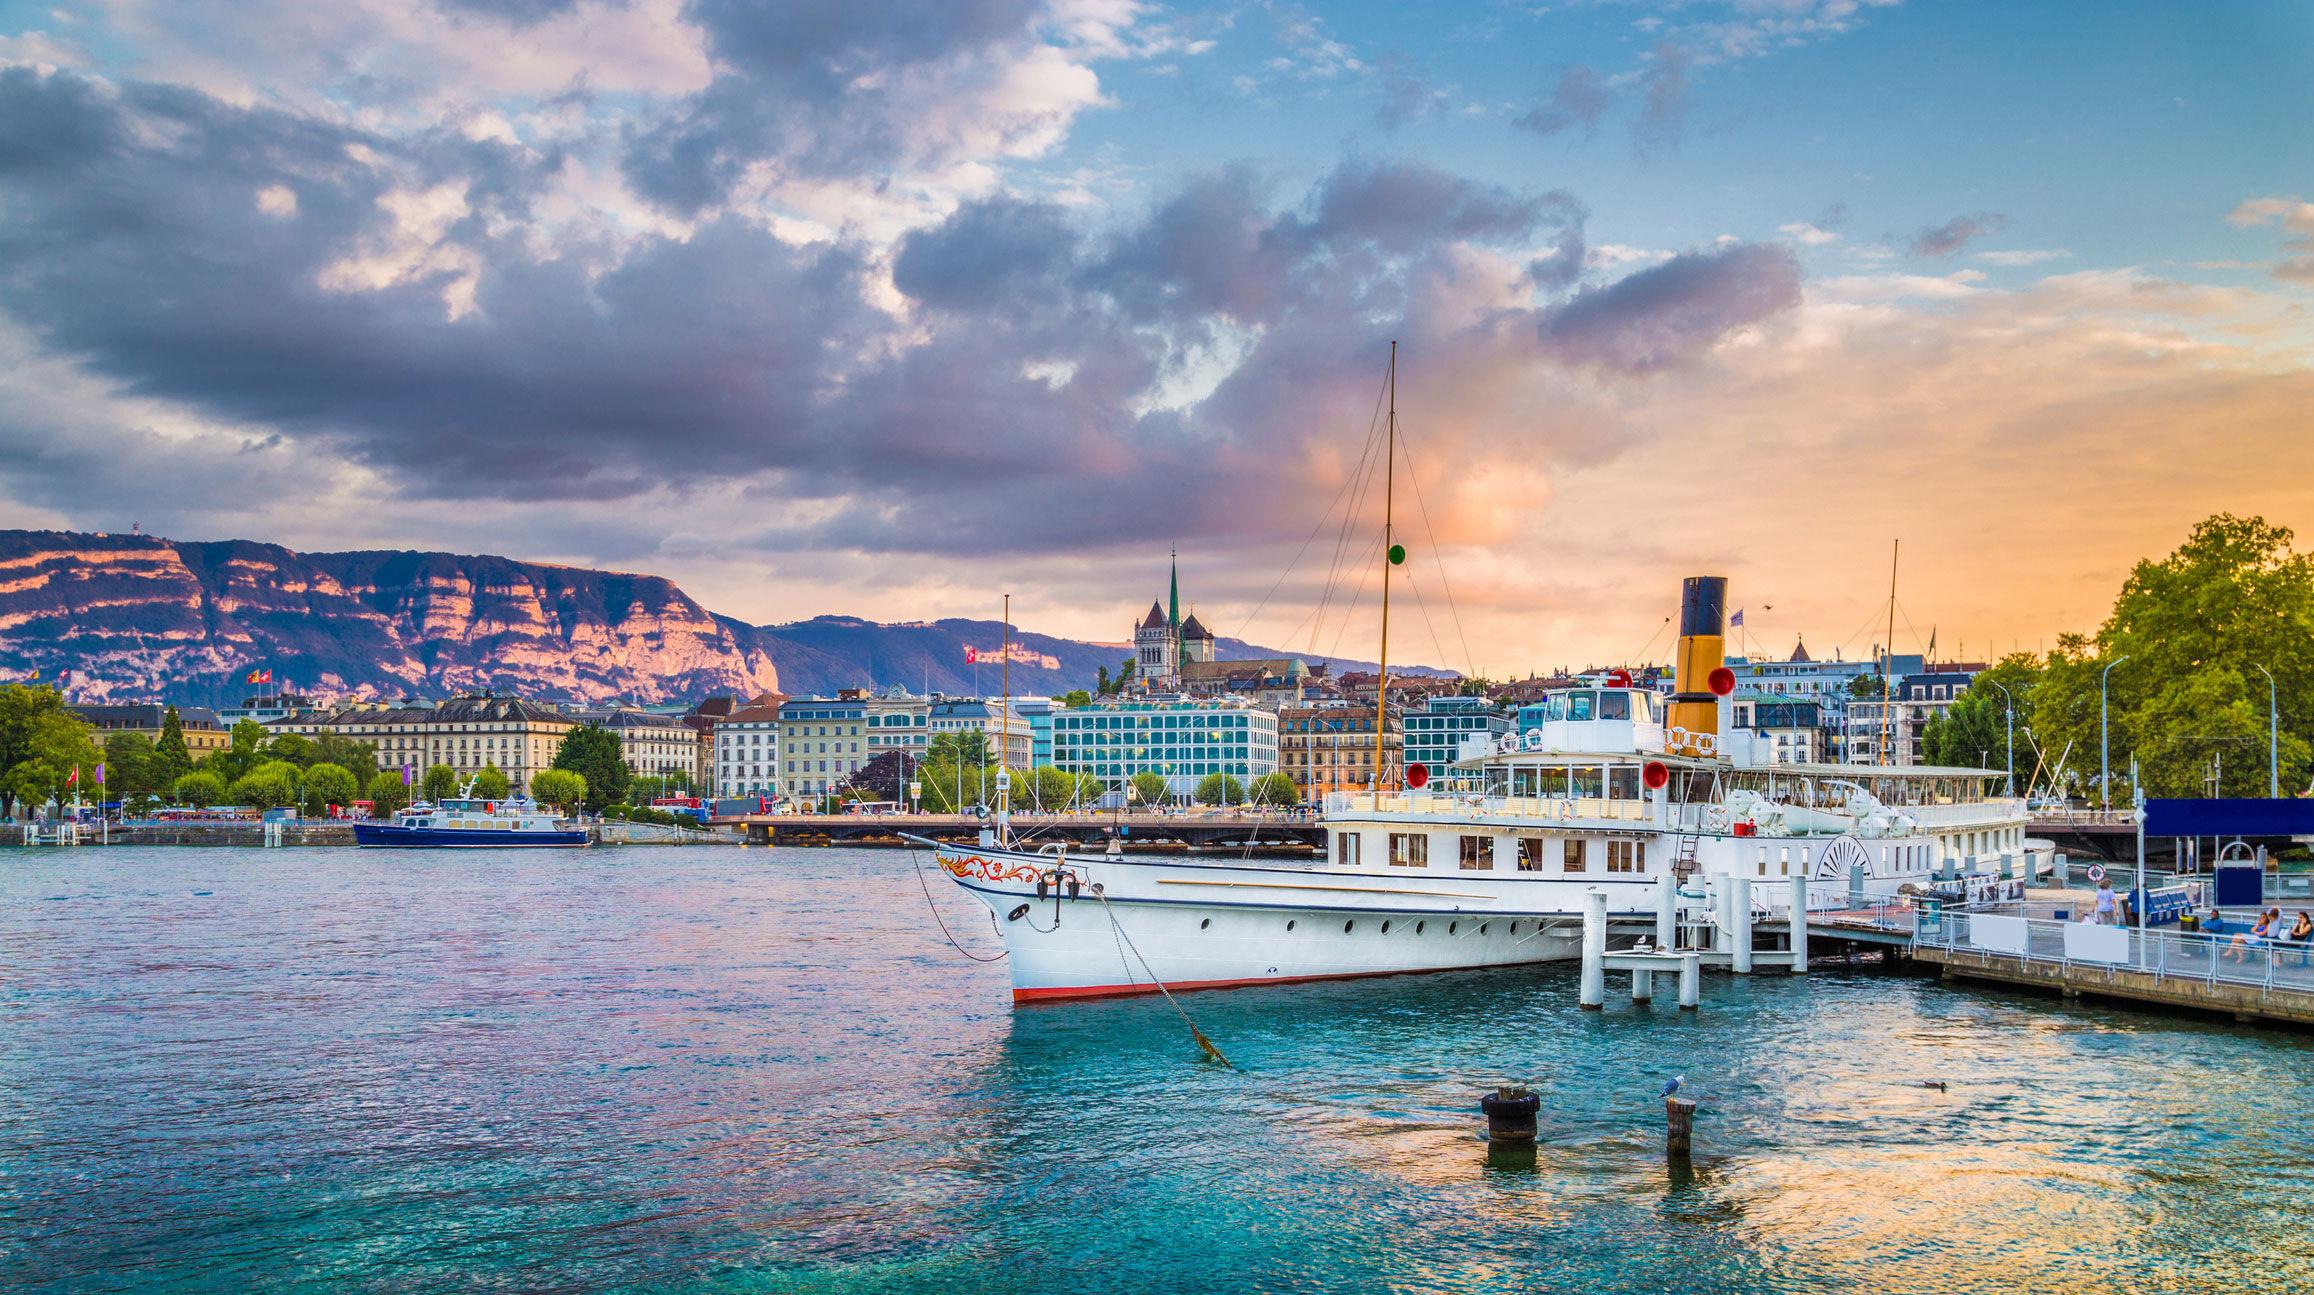 Ženeva, bluejayphoto | istockphoto.com